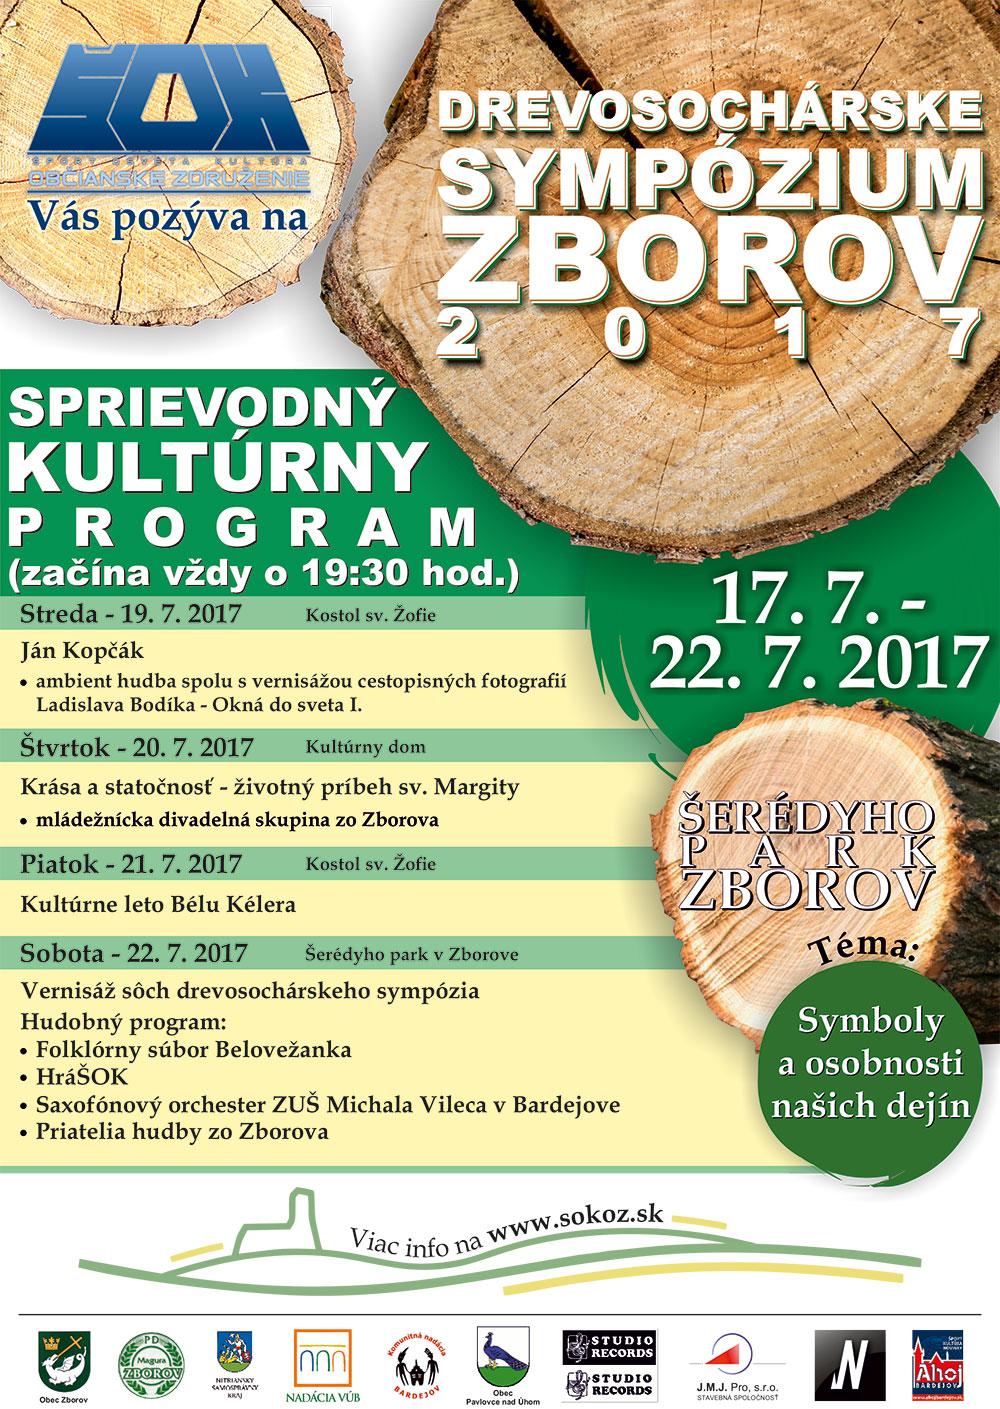 Drevosochárske sympózium Zborov 2017